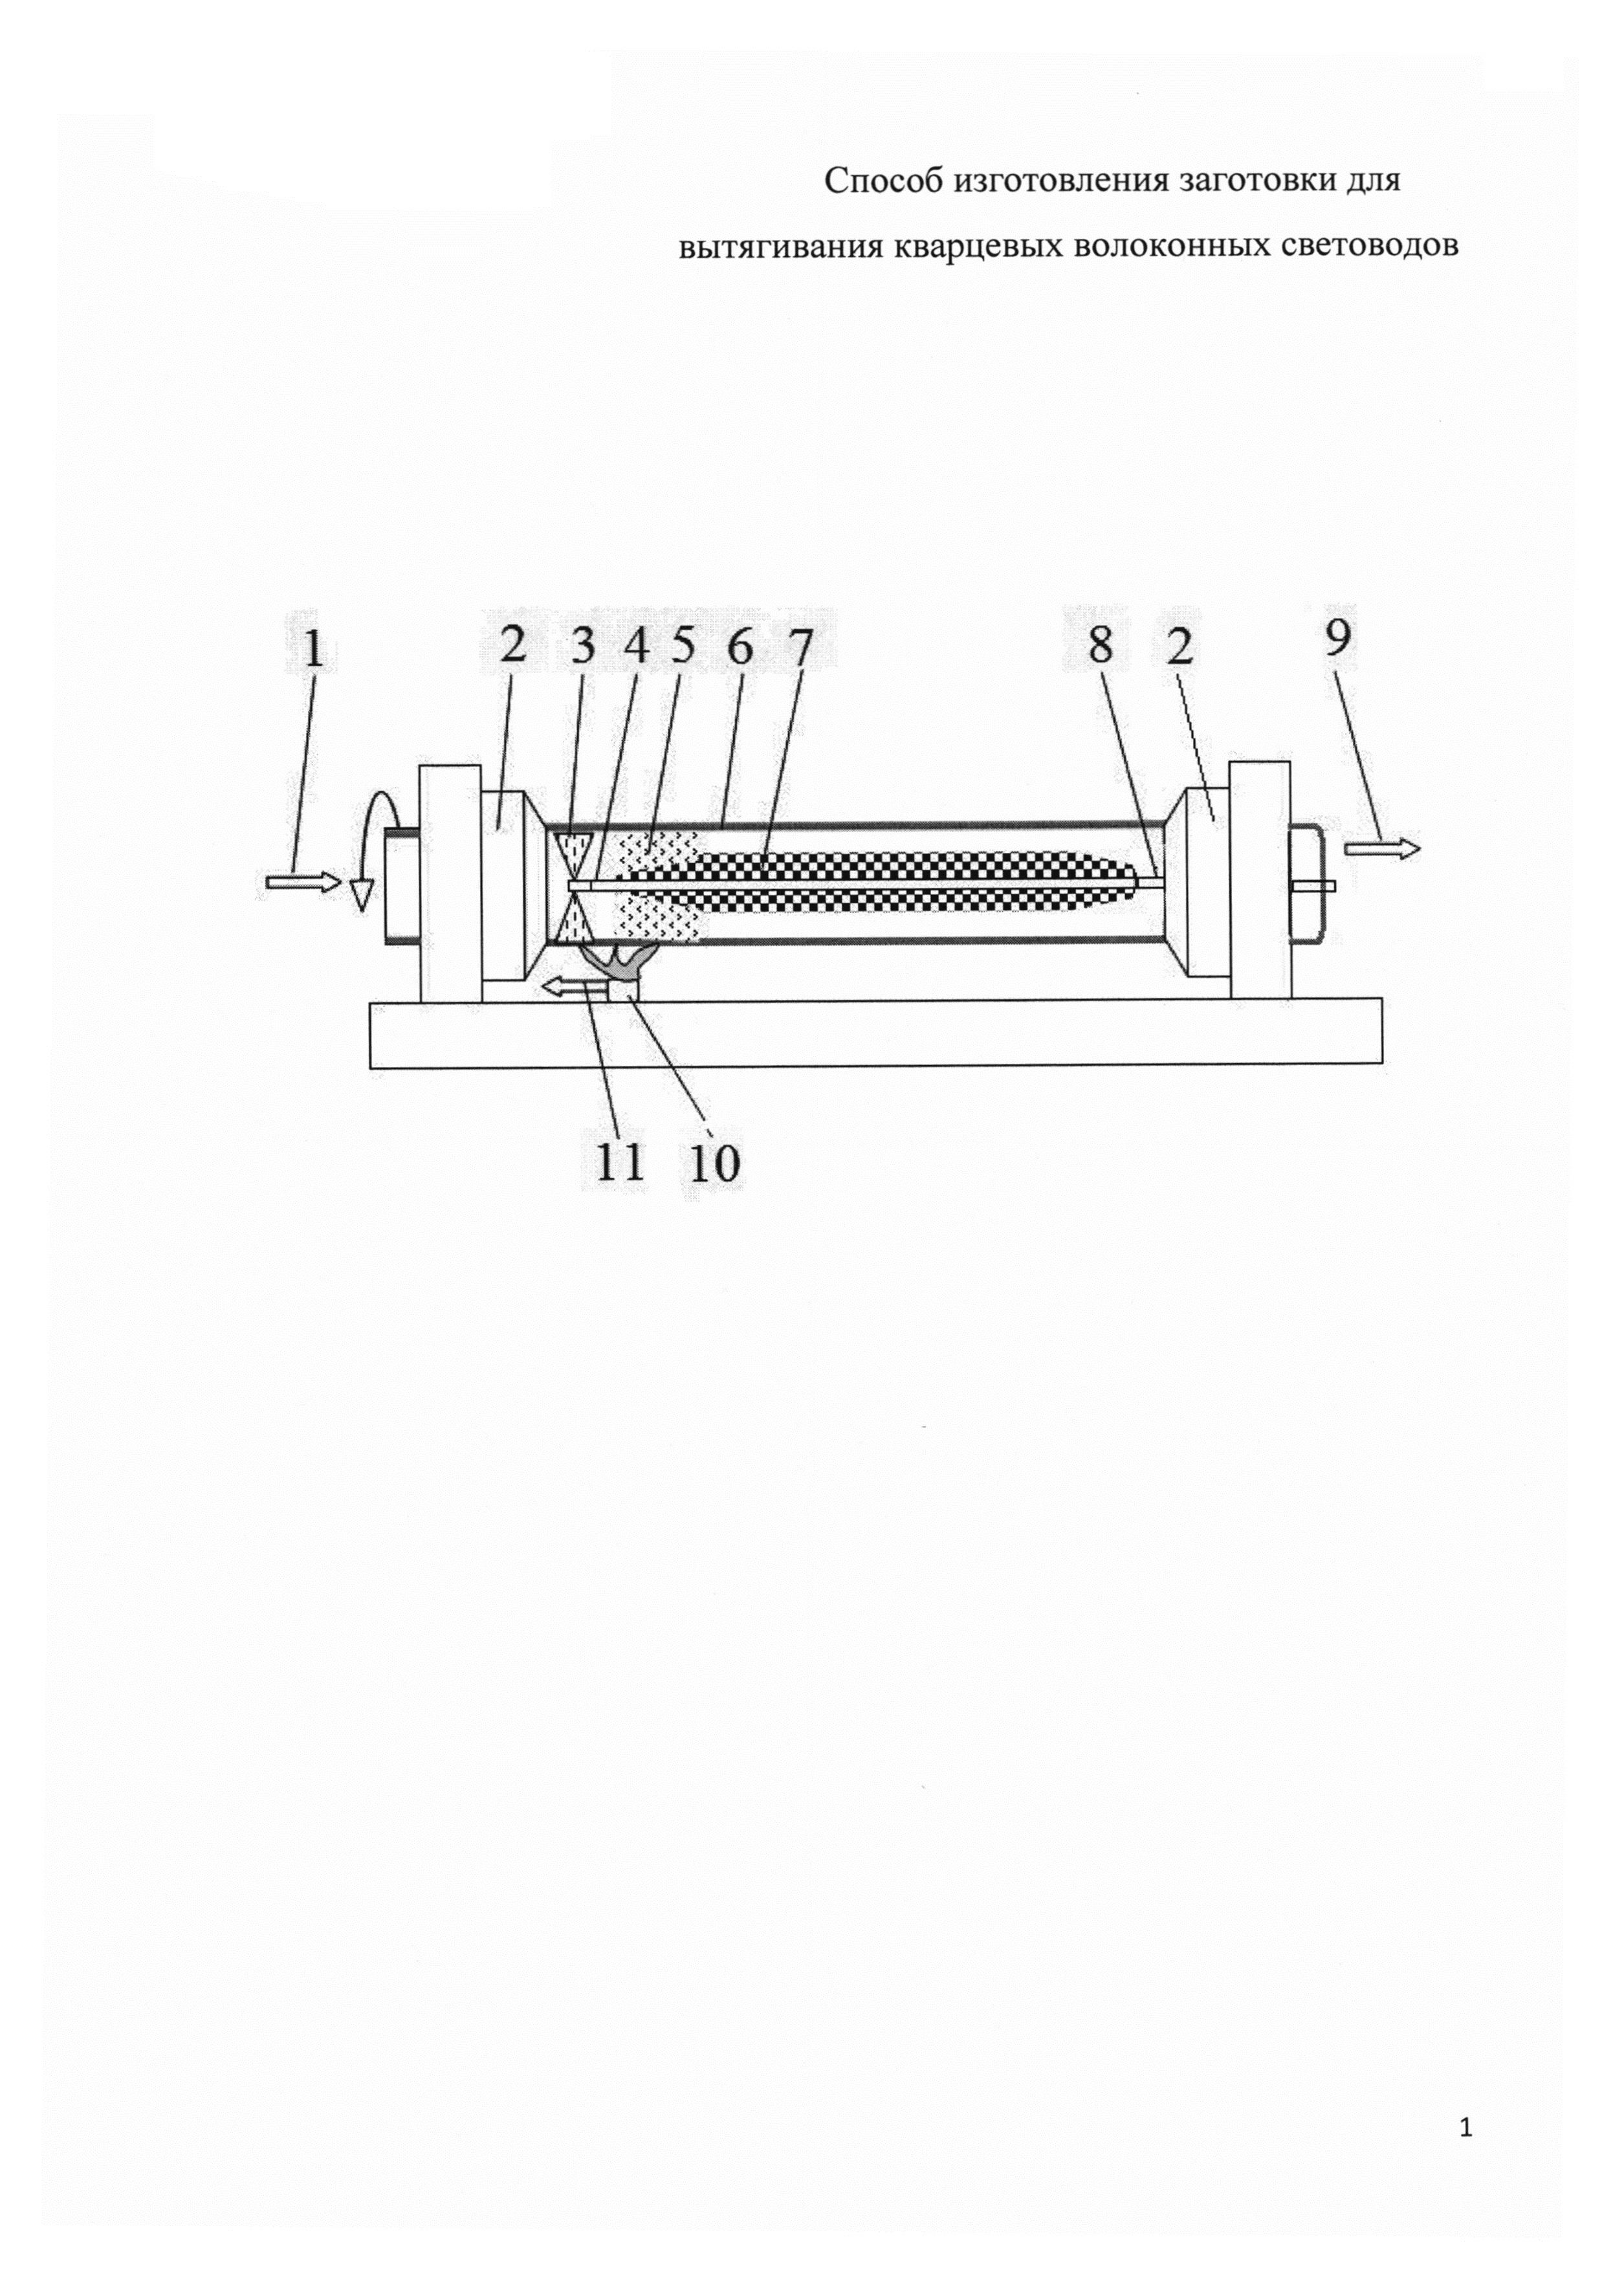 Способ изготовления заготовки для вытягивания кварцевых волоконных световодов